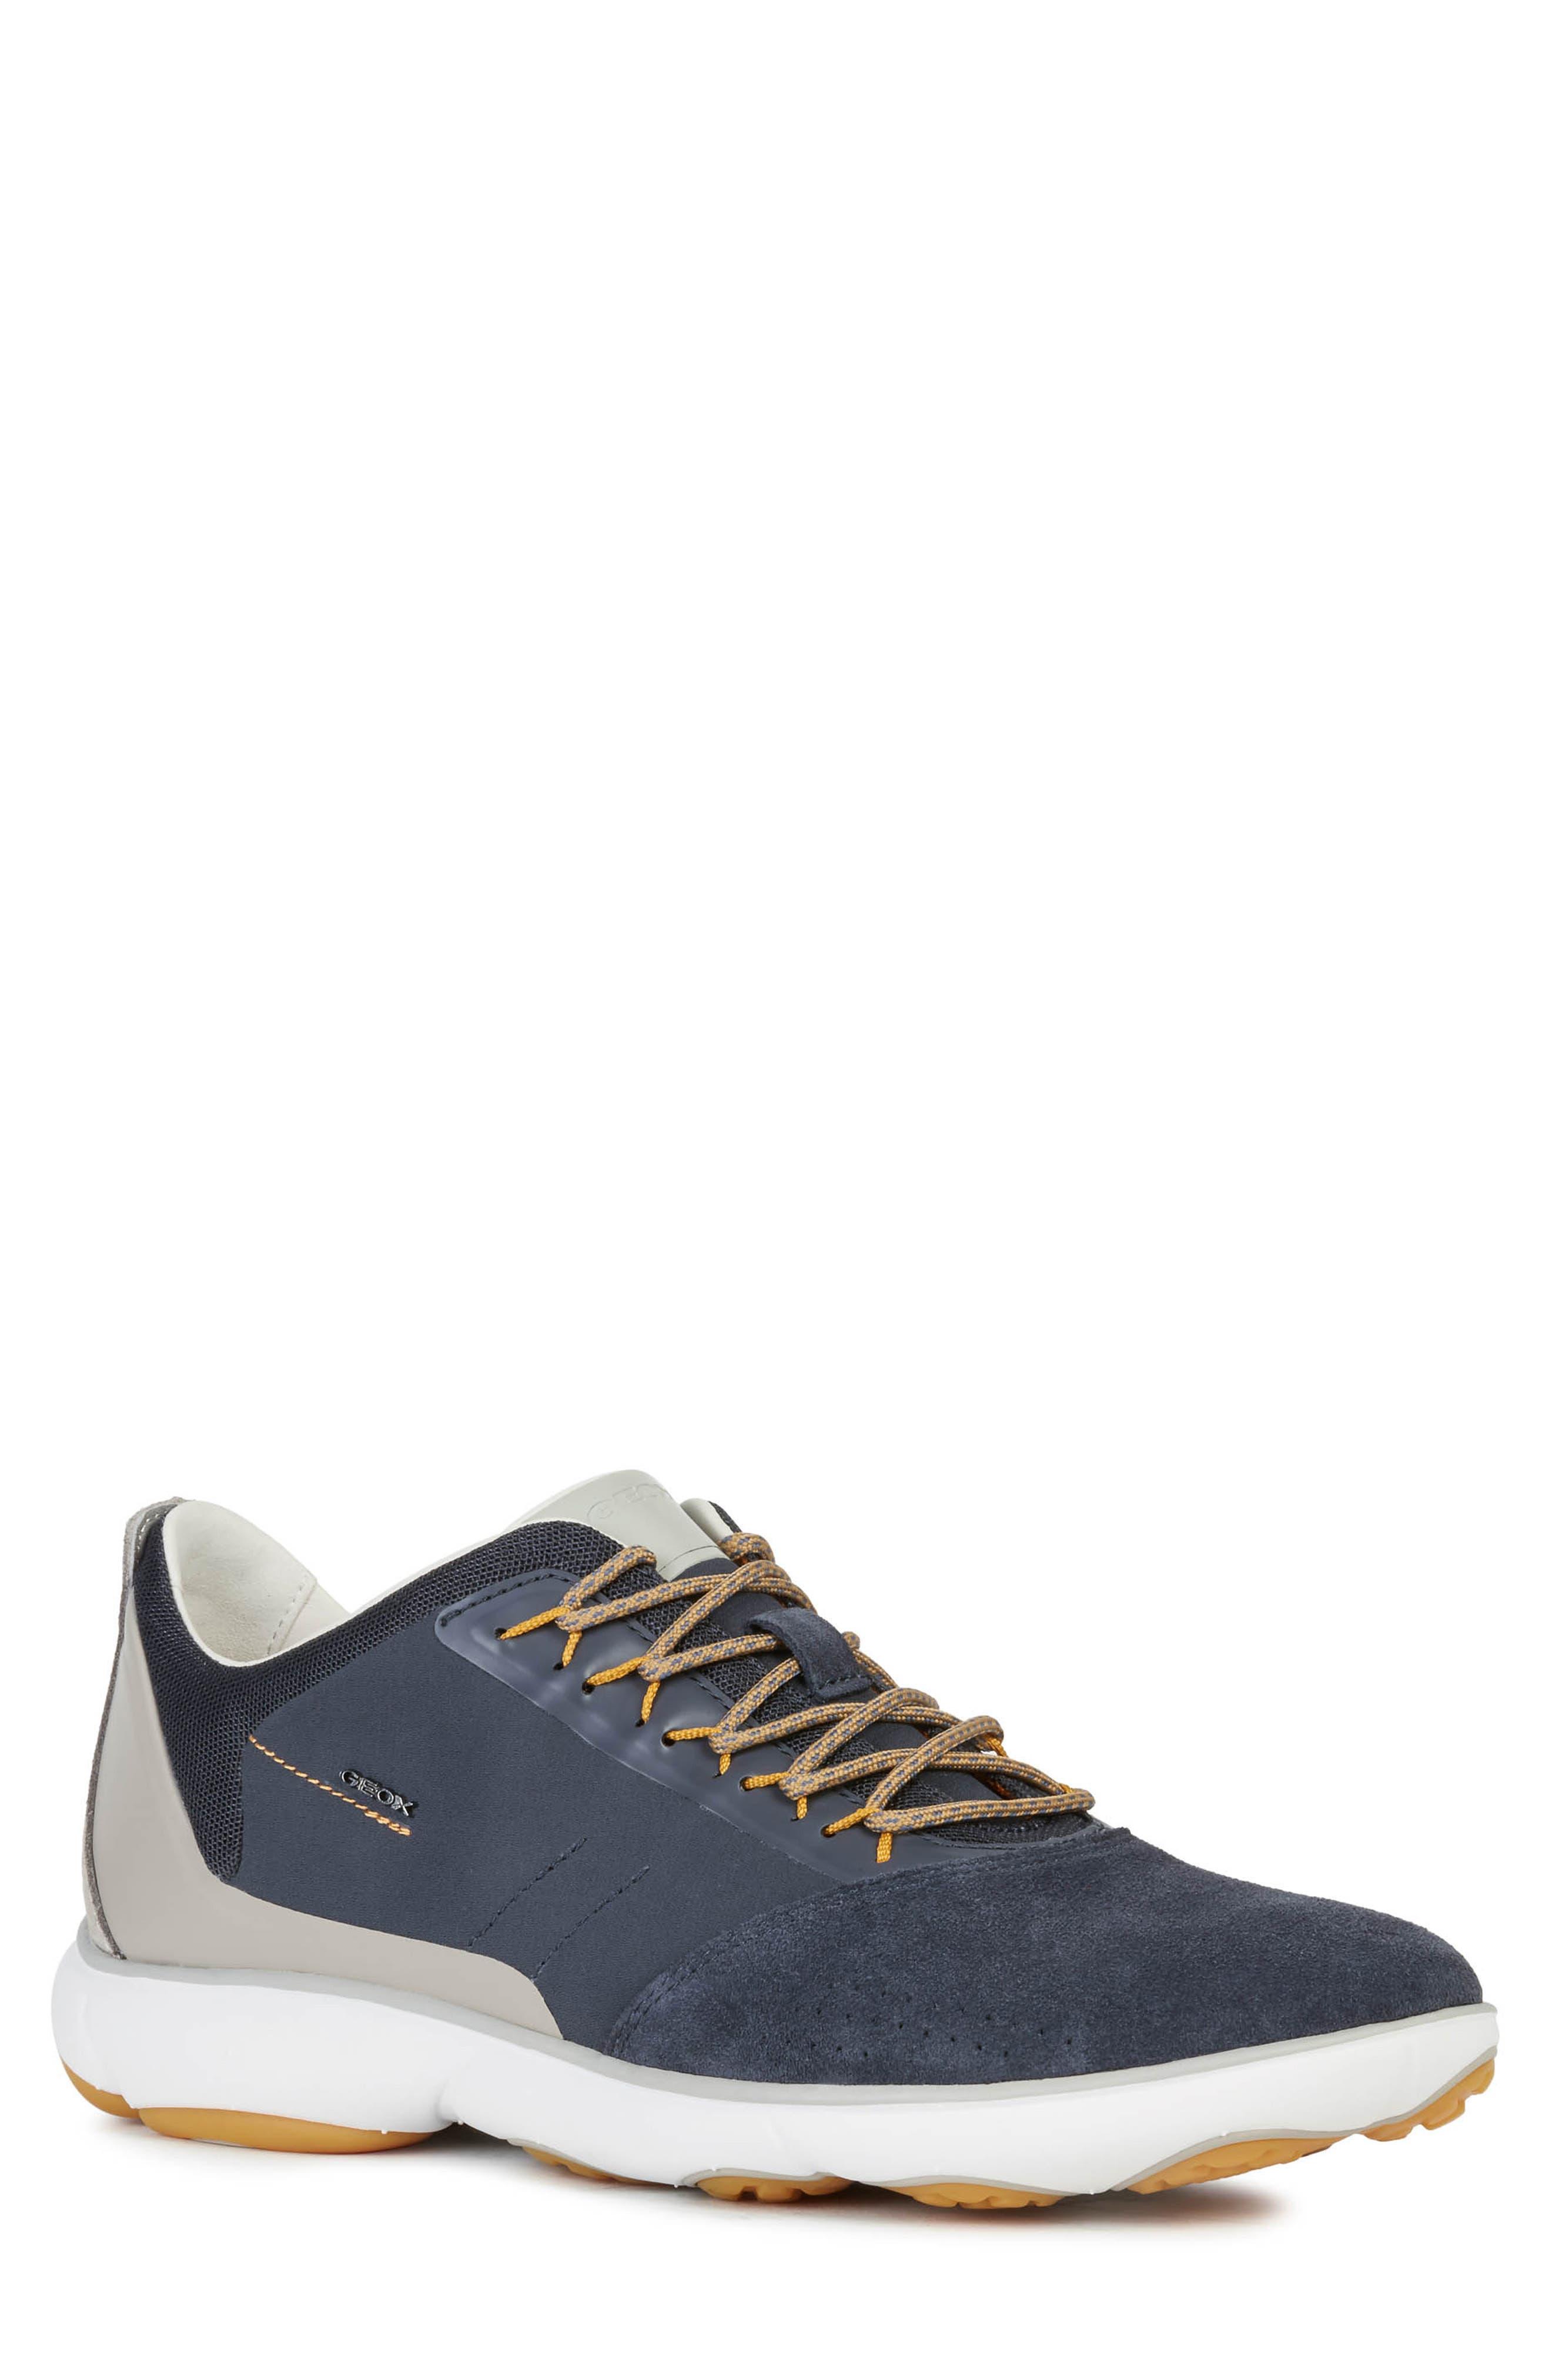 Men's Geox Shoes | Nordstrom